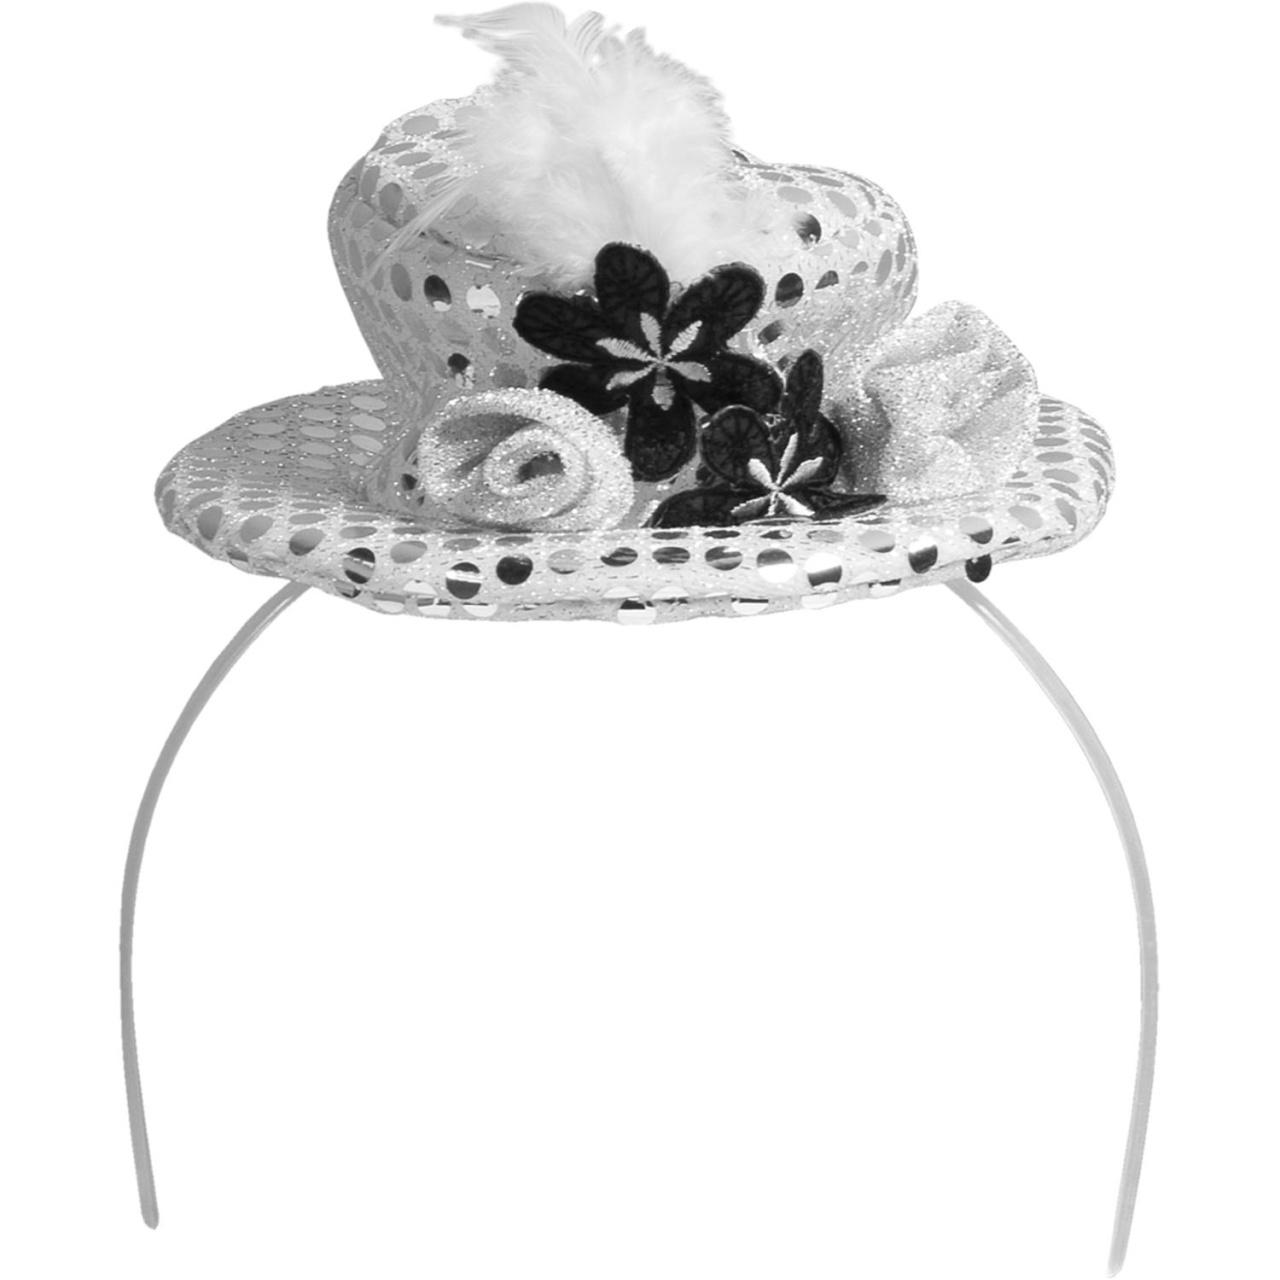 Haarreif mit silbernem Hut, Blume und Feder